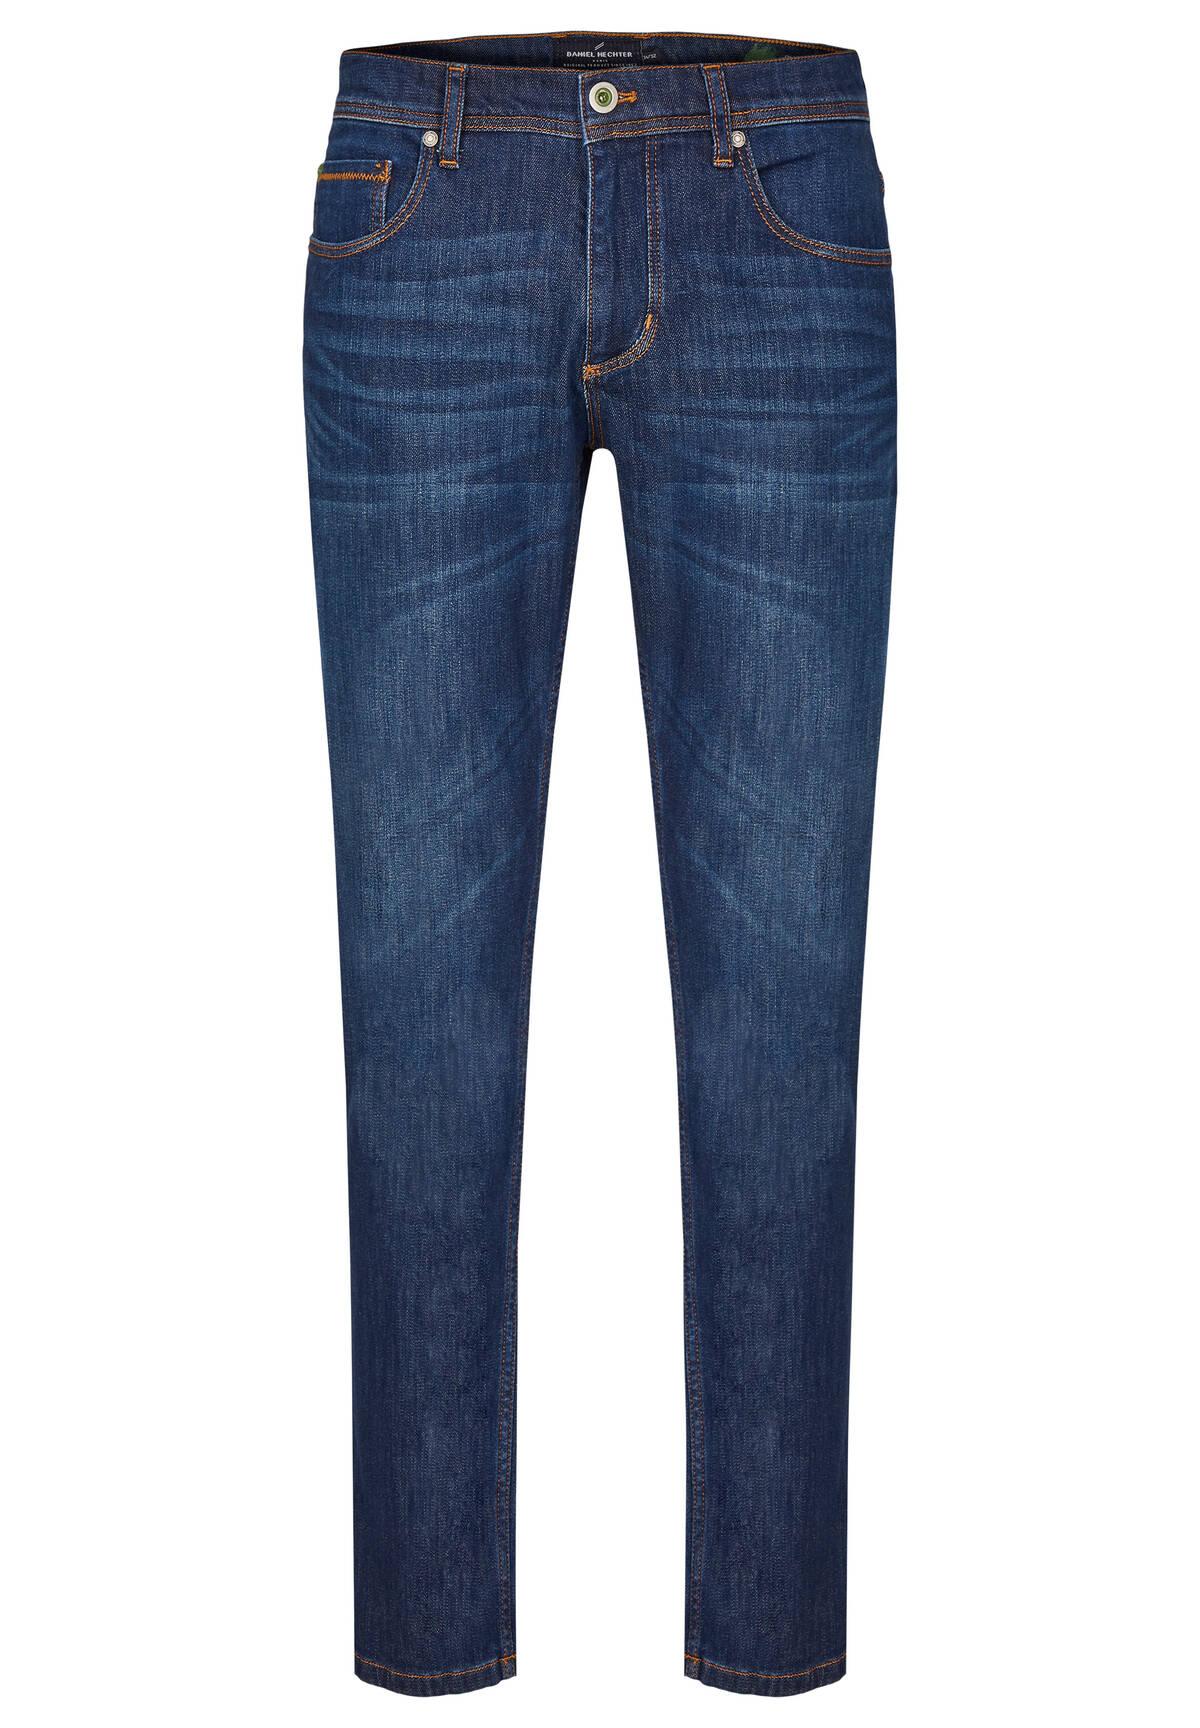 DH-ECO Jean 5 poches /